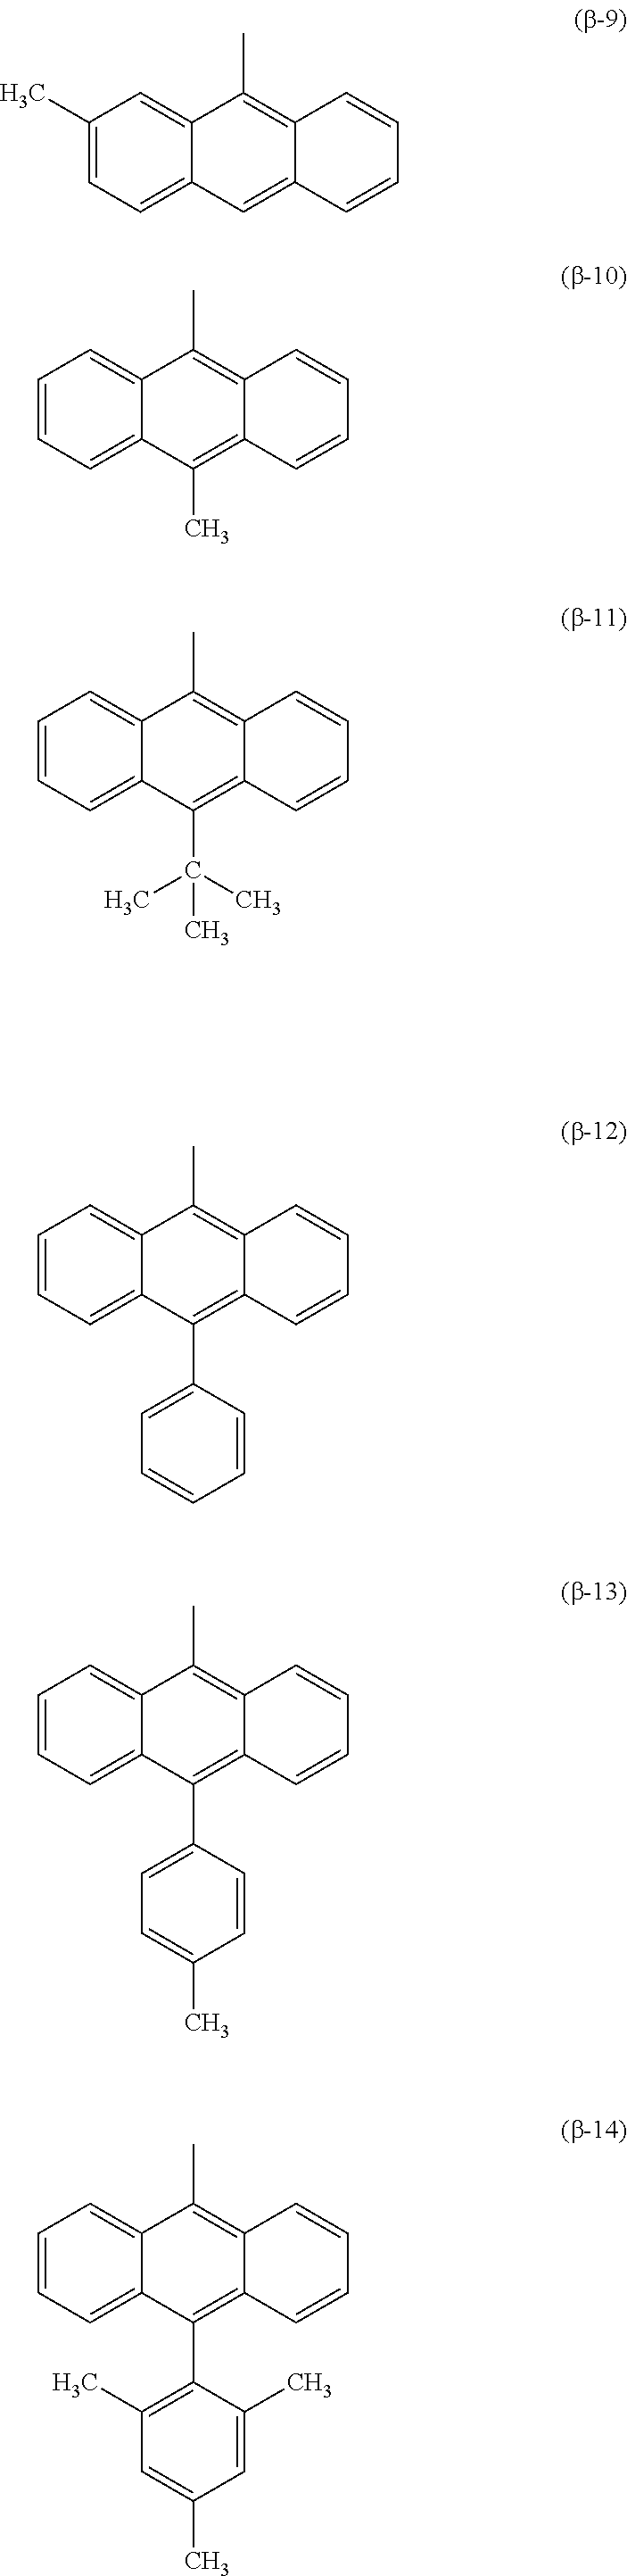 Figure US20130020561A1-20130124-C00034